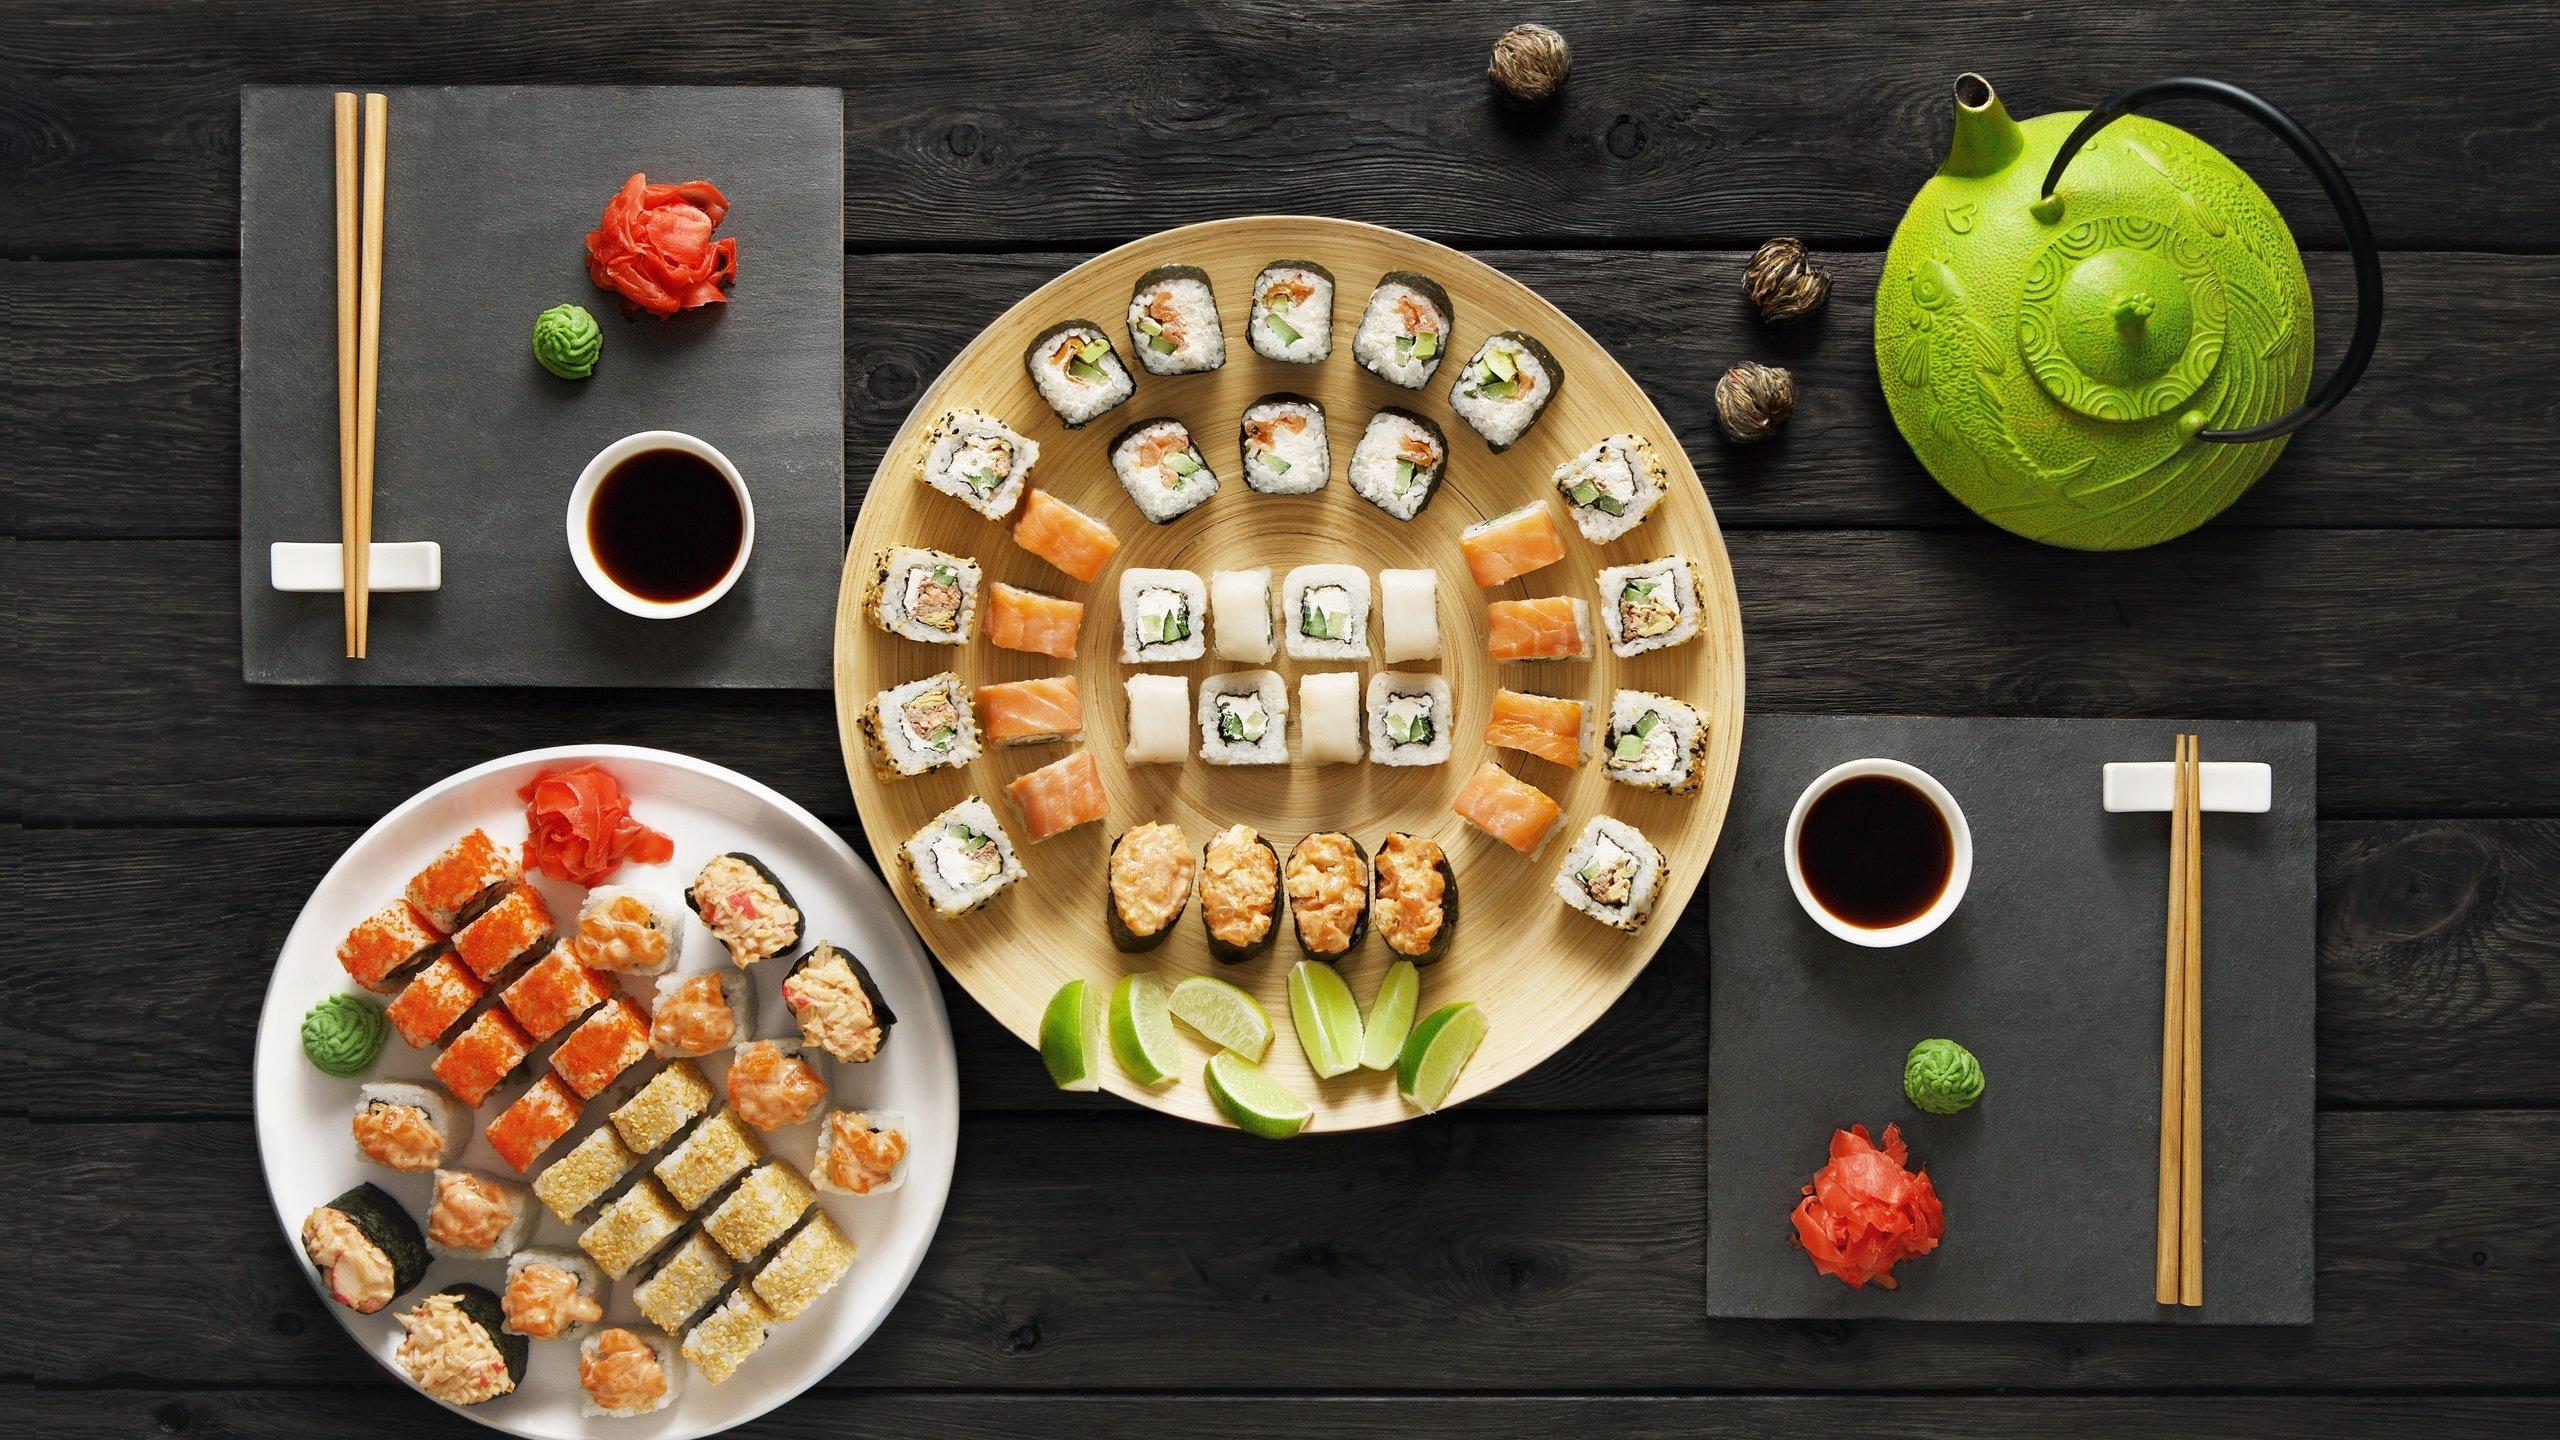 еда суши роллы вассаби япония скачать